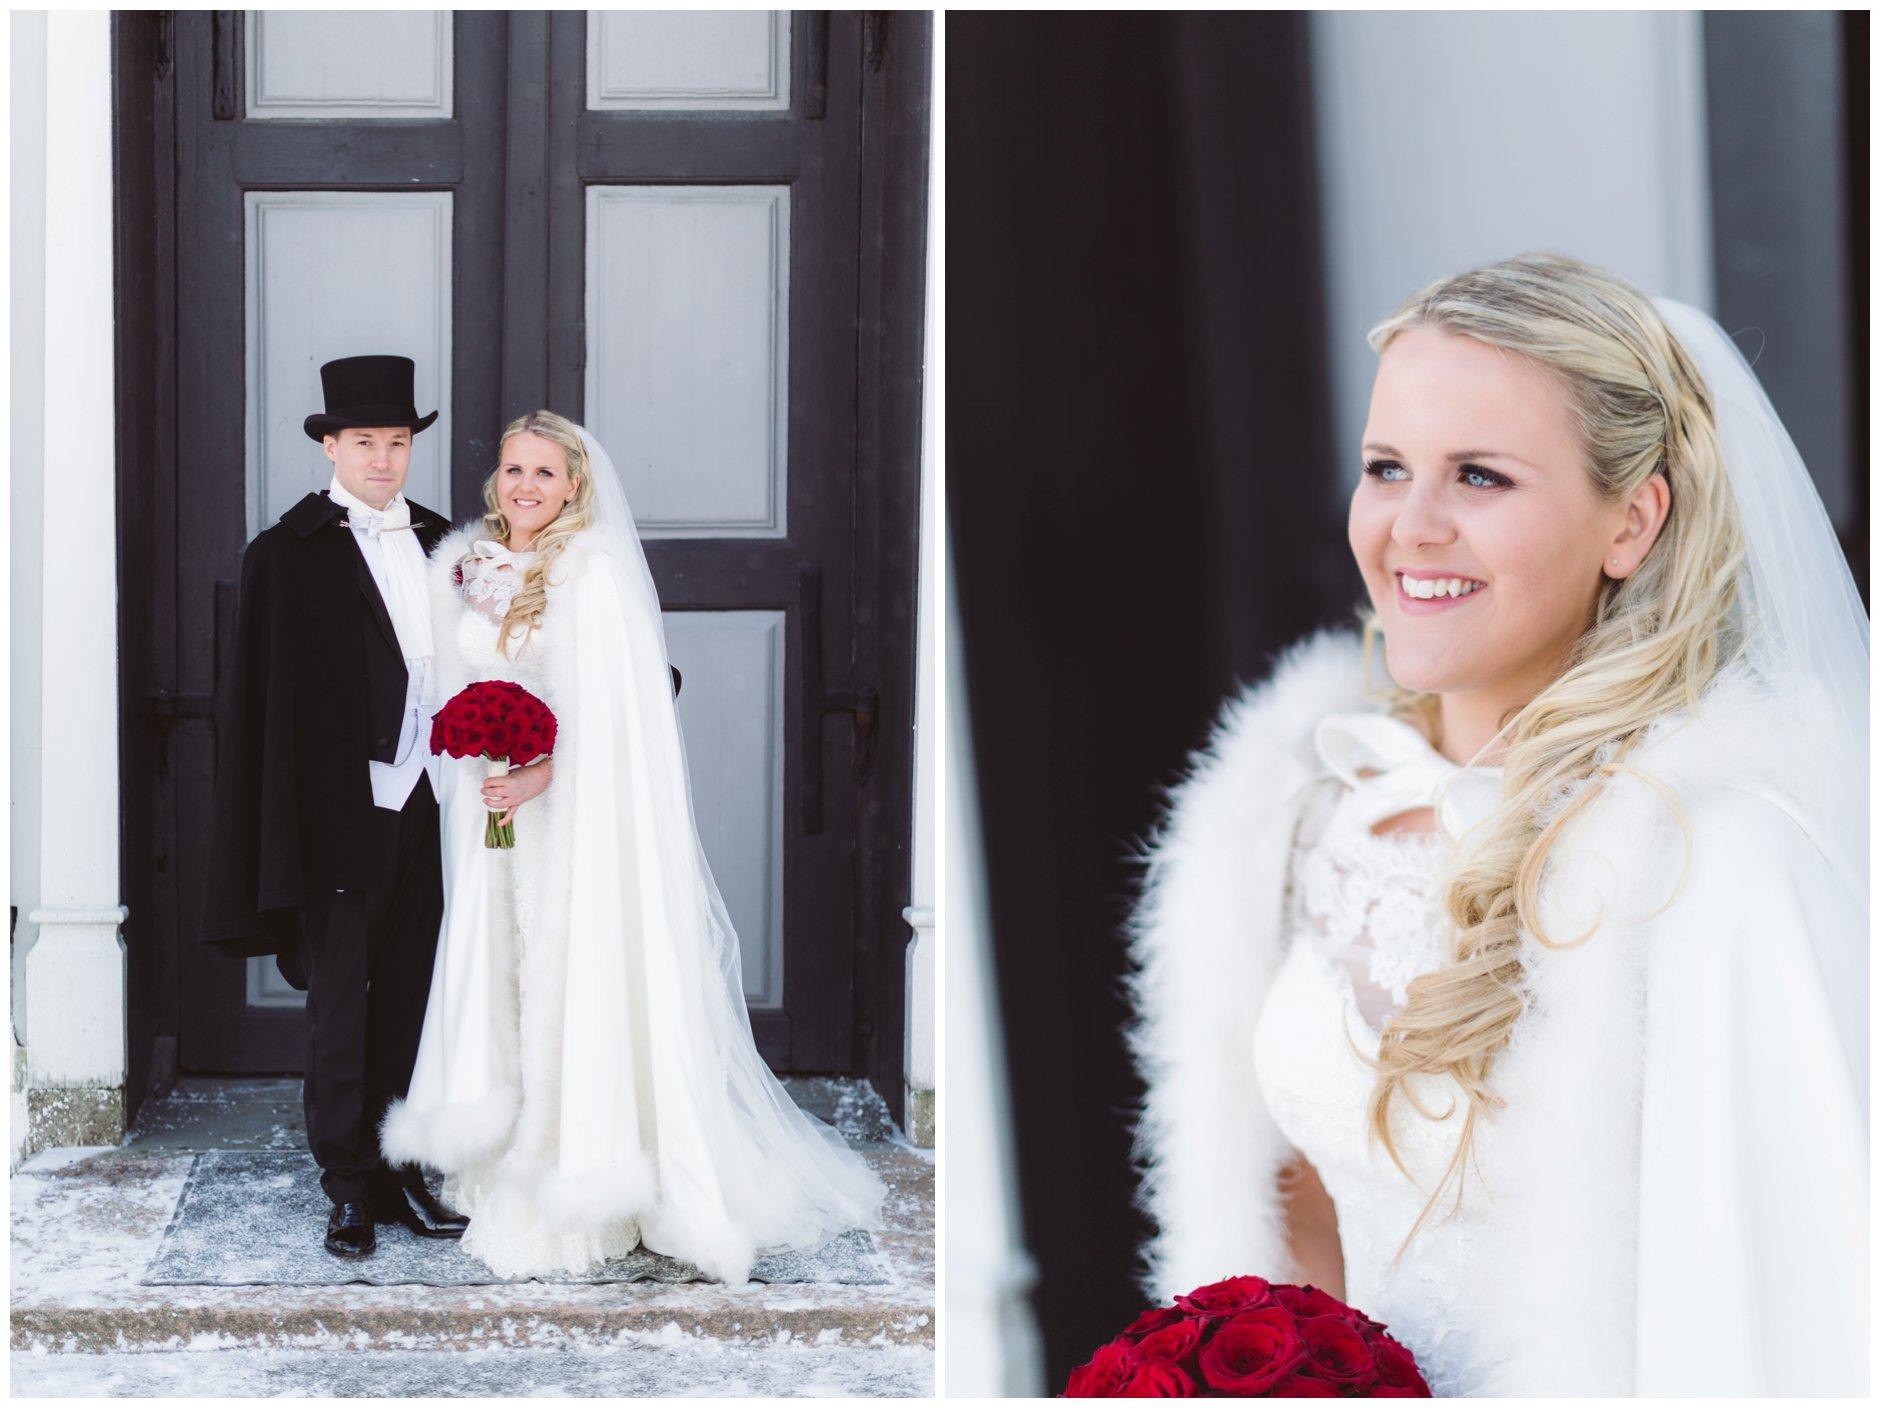 Fotograf-Eline-Jacobine-Vinterbryllup-Malene-og-Per-Kristian_0077